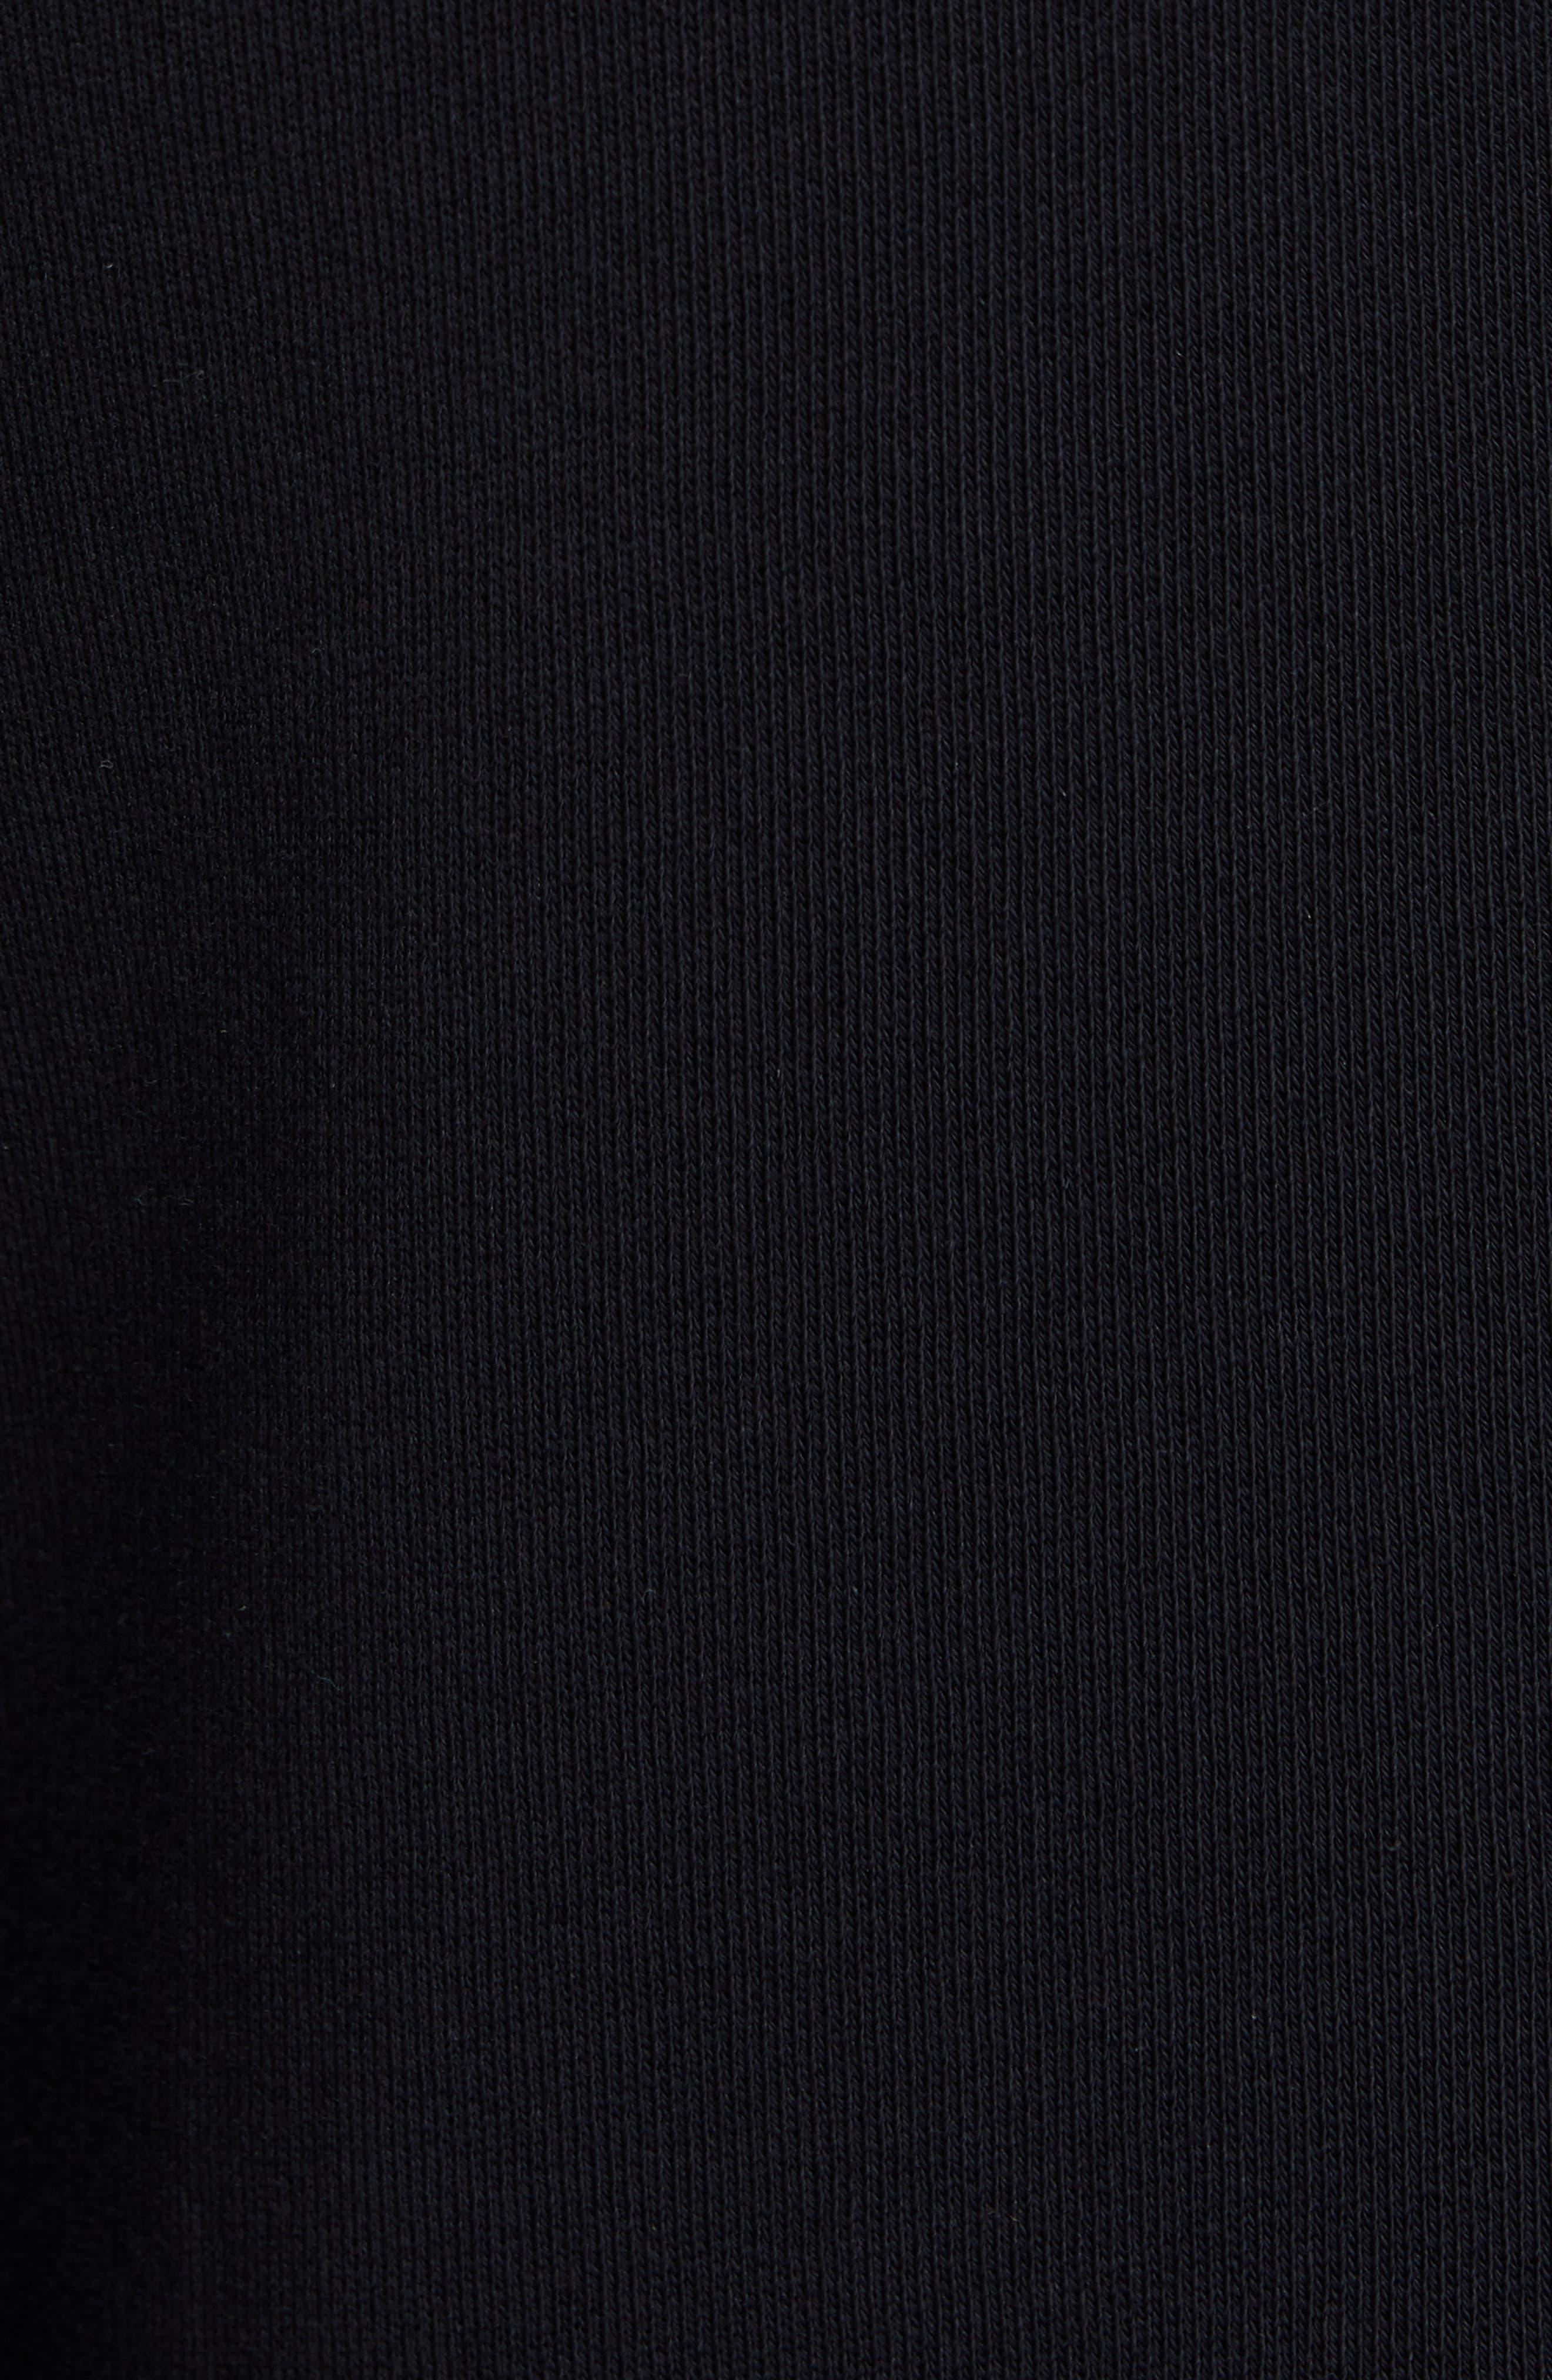 Monnalisa Slim Sweatpants,                             Alternate thumbnail 5, color,                             BLACK